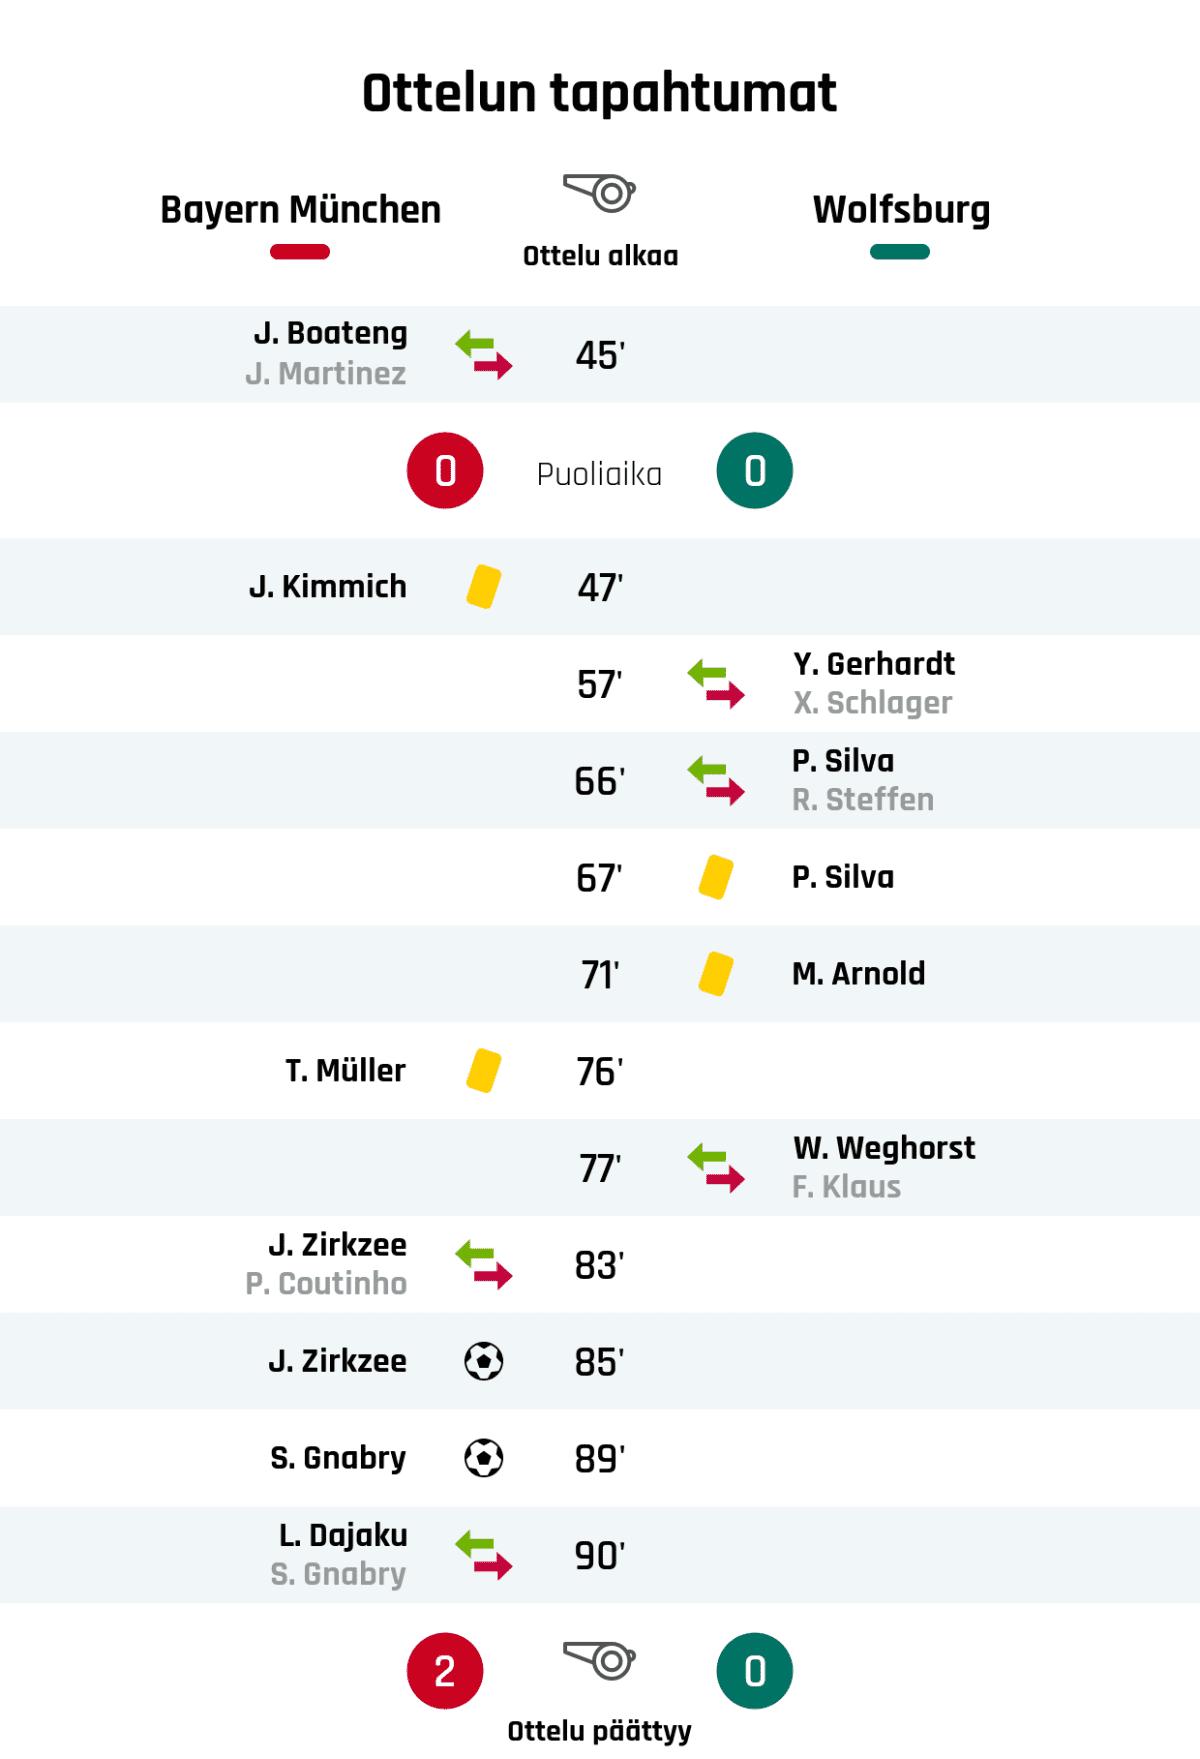 45' Bayern Münchenin vaihto: sisään J. Boateng, ulos J. Martinez Puoliajan tulos: Bayern München 0, Wolfsburg 0 47' Keltainen kortti: J. Kimmich, Bayern München 57' Wolfsburgin vaihto: sisään Y. Gerhardt, ulos X. Schlager 66' Wolfsburgin vaihto: sisään P. Silva, ulos R. Steffen 67' Keltainen kortti: P. Silva, Wolfsburg 71' Keltainen kortti: M. Arnold, Wolfsburg 76' Keltainen kortti: T. Müller, Bayern München 77' Wolfsburgin vaihto: sisään W. Weghorst, ulos F. Klaus 83' Bayern Münchenin vaihto: sisään J. Zirkzee, ulos P. Coutinho 85' Maali Bayern Münchenille: J. Zirkzee 89' Maali Bayern Münchenille: S. Gnabry 90' Bayern Münchenin vaihto: sisään L. Dajaku, ulos S. Gnabry Lopputulos: Bayern München 2, Wolfsburg 0